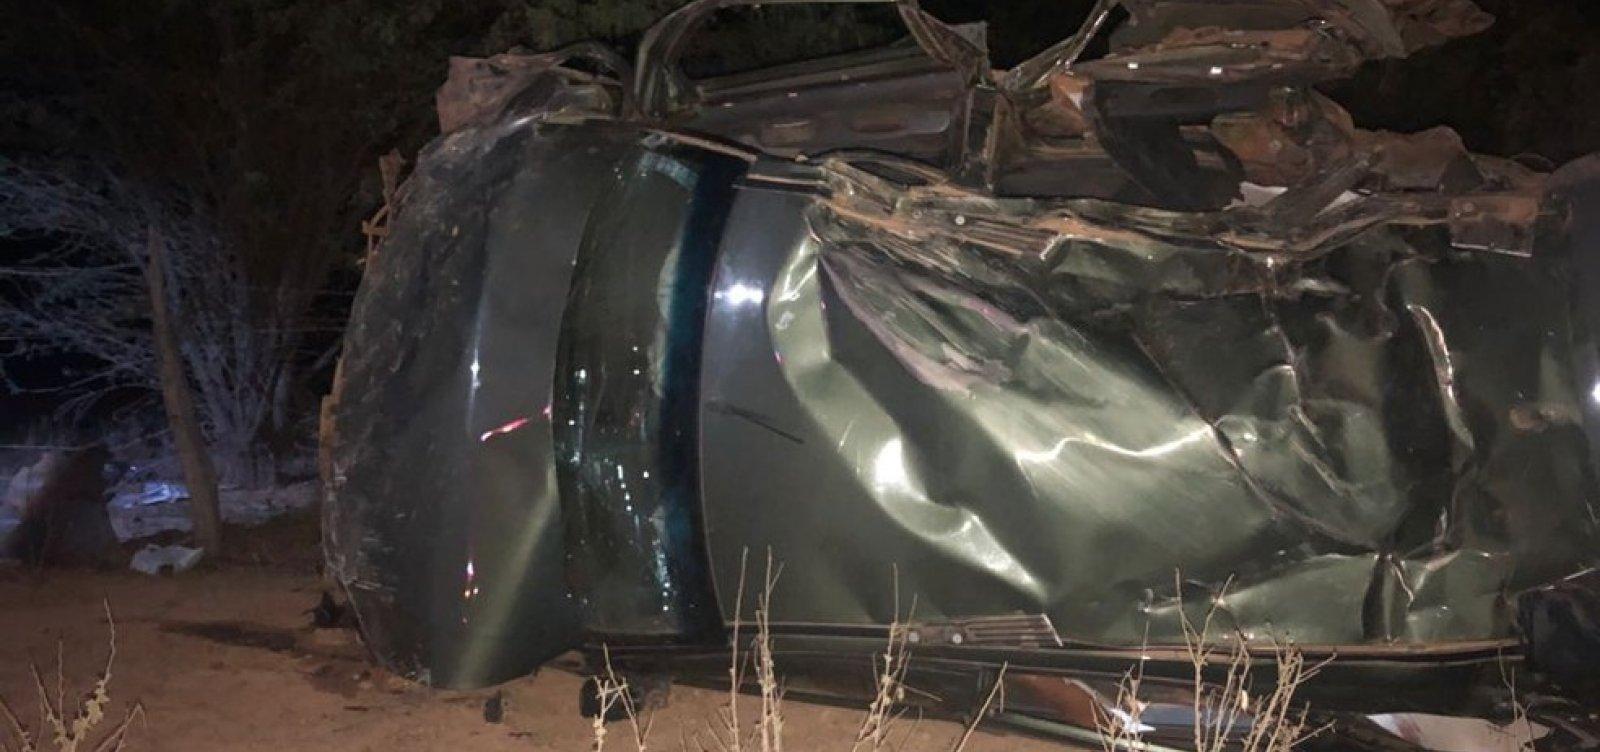 Quatro pessoas morrem e uma fica ferida em acidente na BA-144